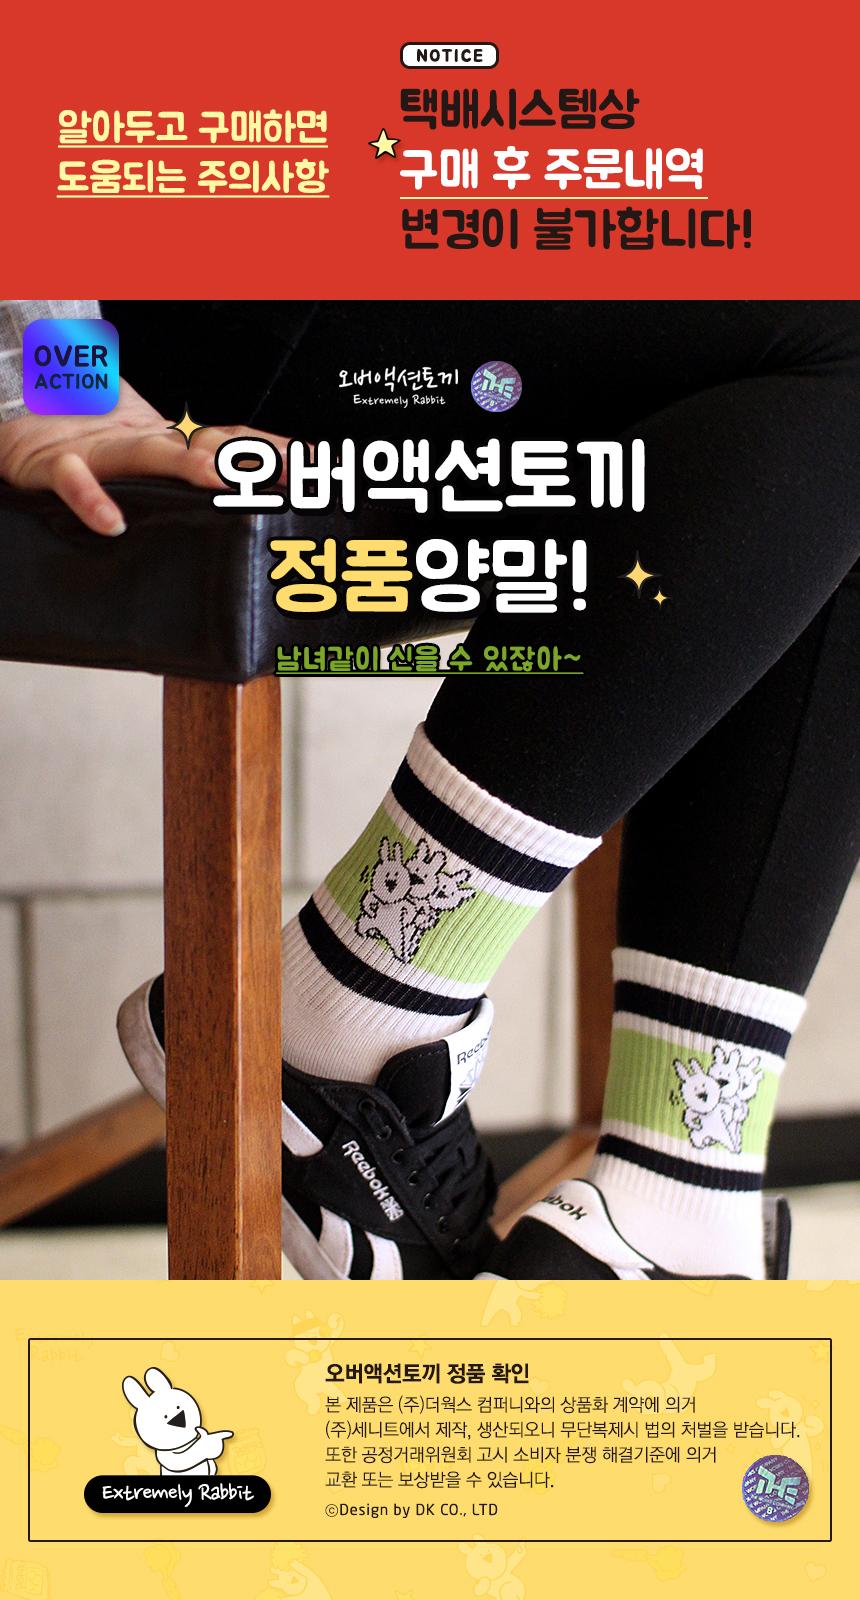 오버액션토끼 양말 여자 남자 센서티브 중목 - 오버액션토끼, 1,900원, 여성양말, 패션양말